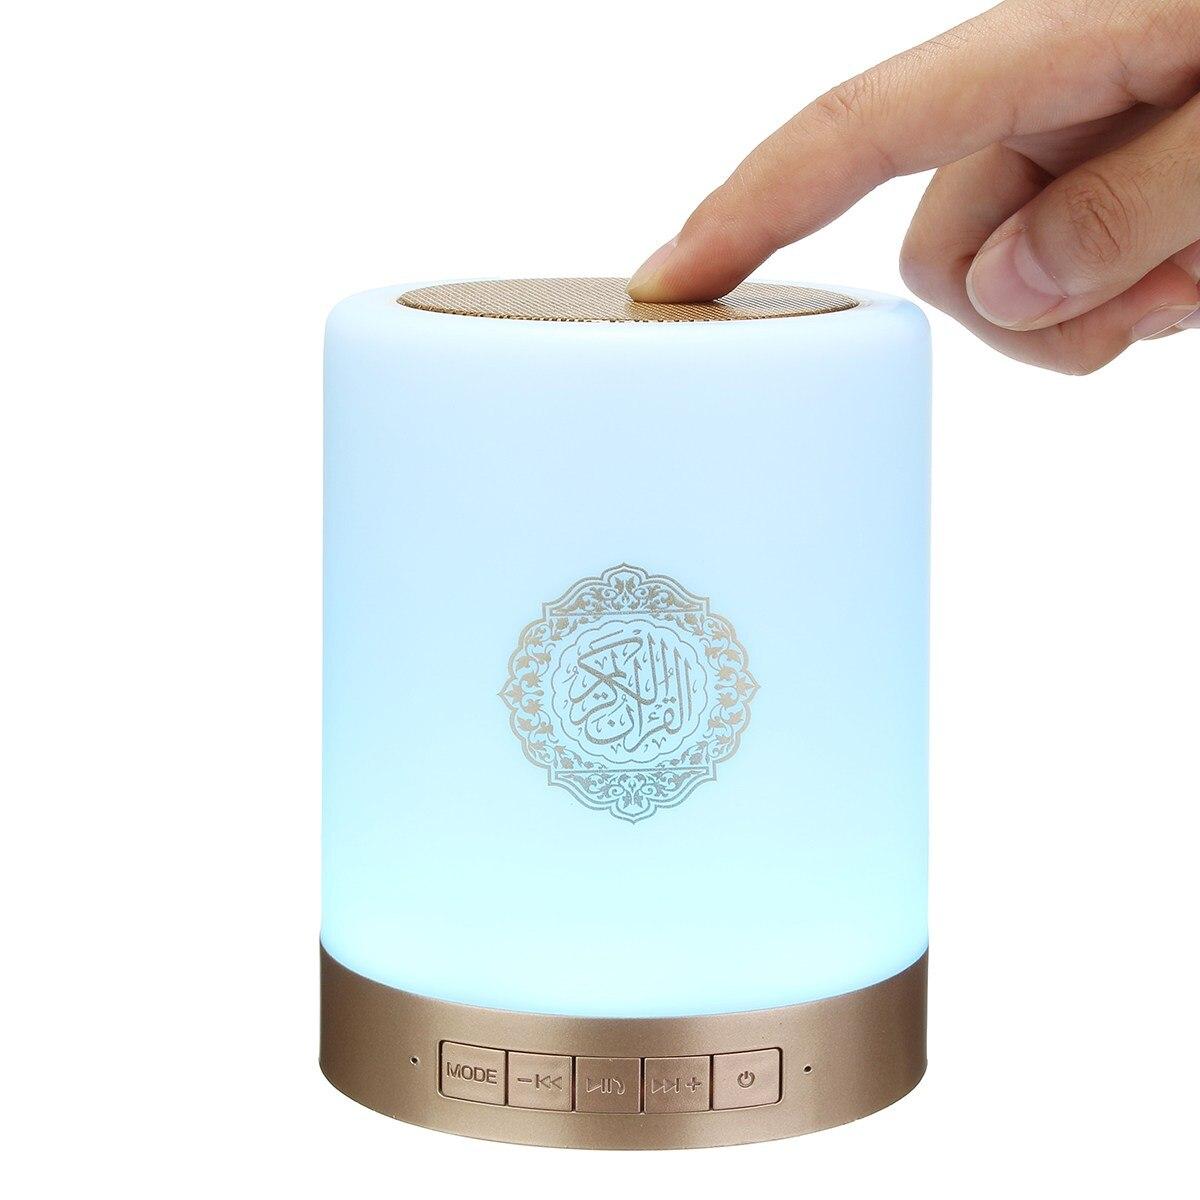 EQUANTU SQ112 Portable LED Bluetooth Speaker Quran Koran Reciter Speaker MP3 FM Radio Speaker 25 Languages Remote Control